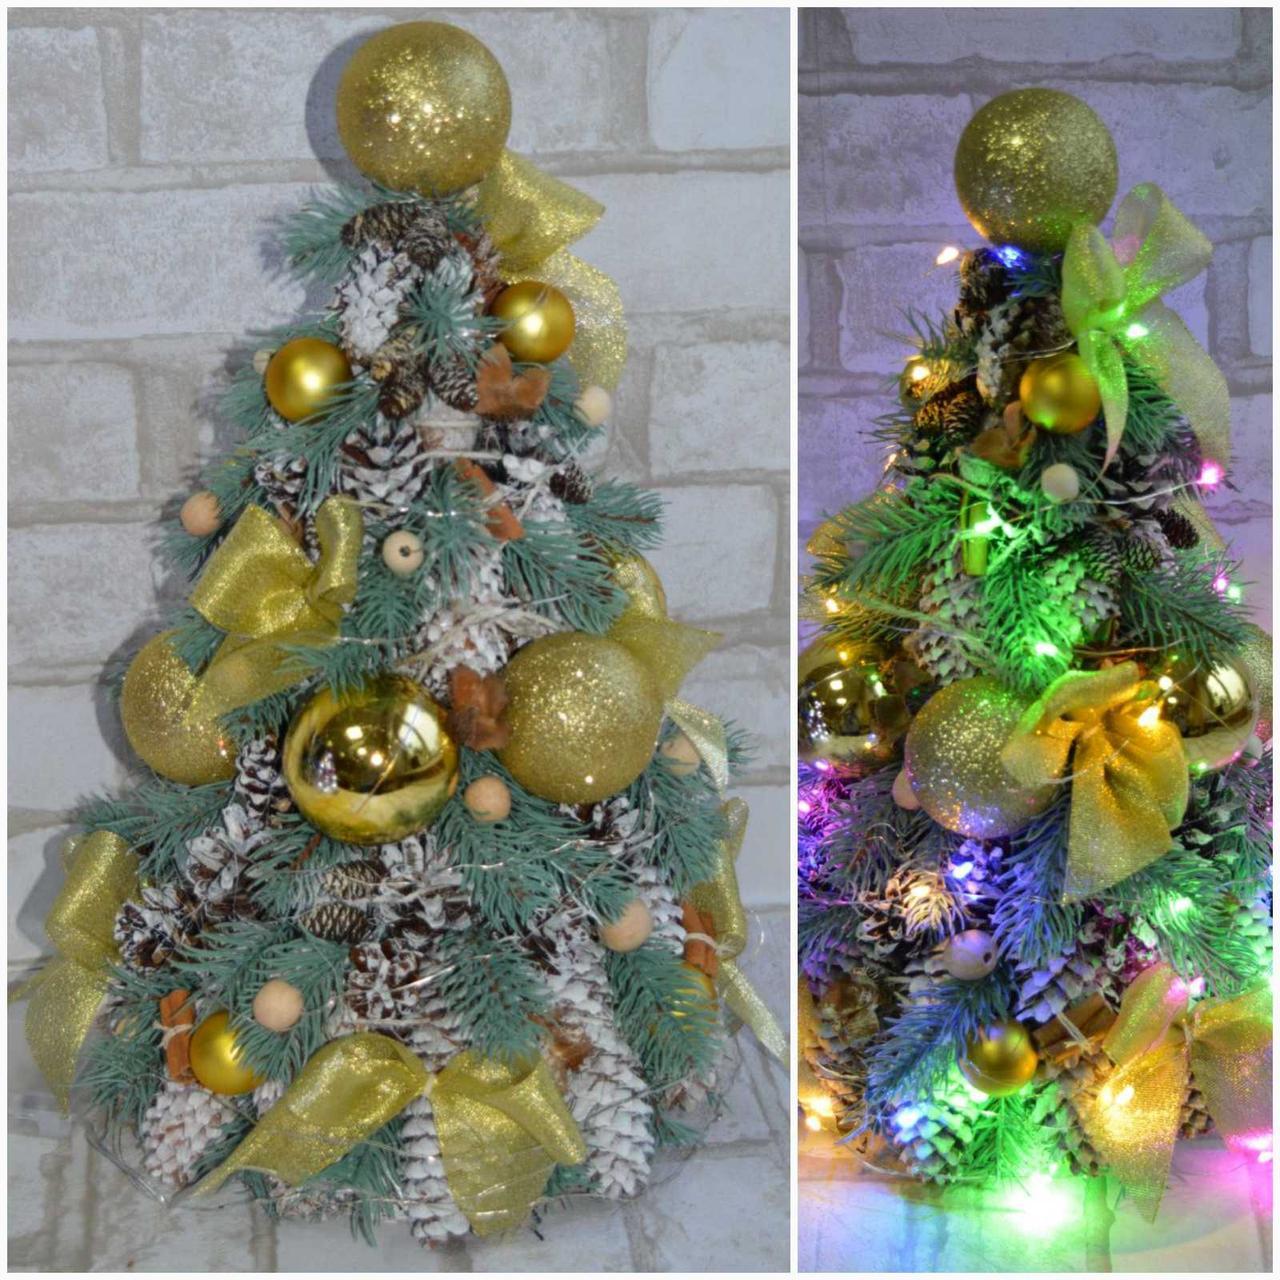 Елочка новогодняя с украшениями и с лед подсветкой, выс. 42-45 см., 550 грн.